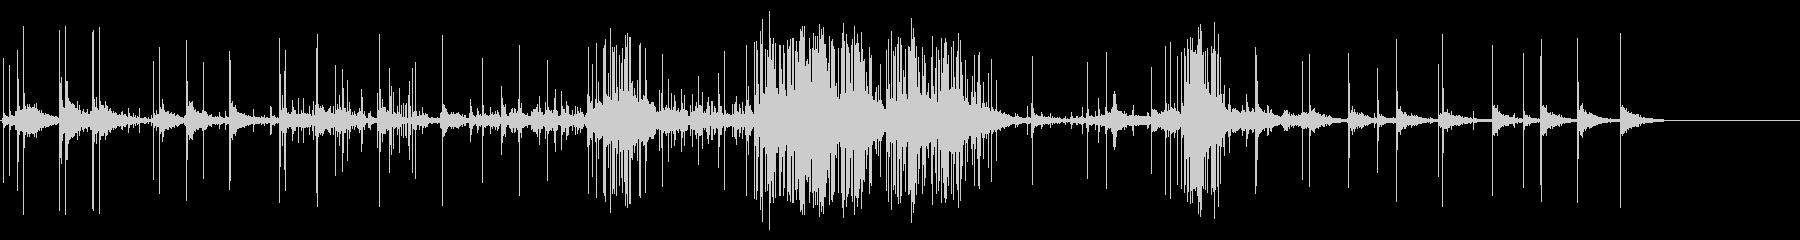 花火-ロケット6の未再生の波形